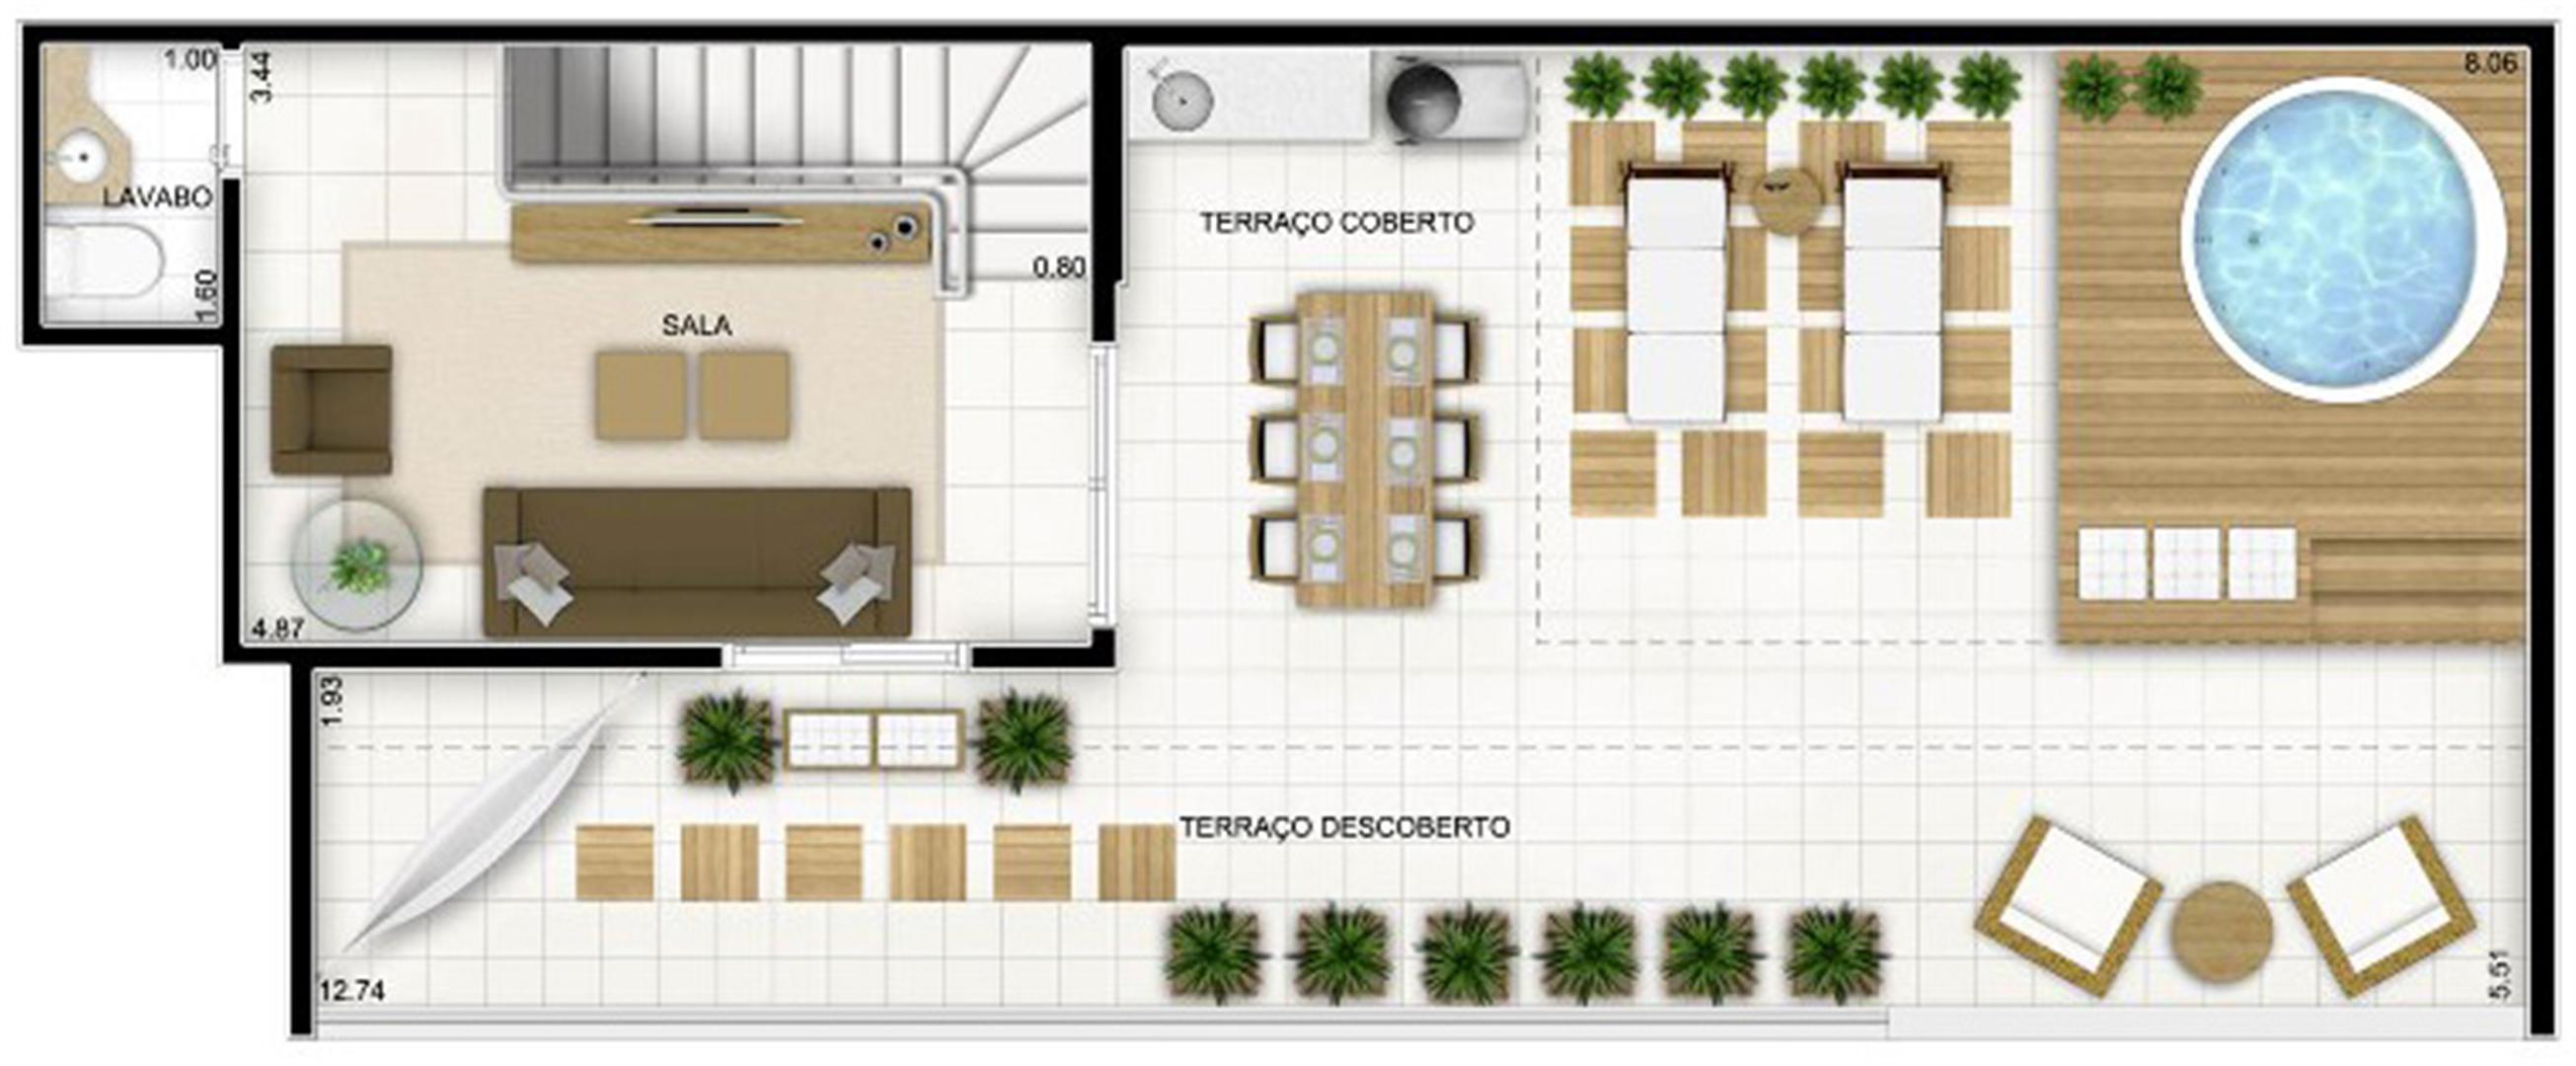 Duplex Andar Superior 159 m² | Quartier Lagoa Nova – Apartamento na  Lagoa Nova - Natal - Rio Grande do Norte